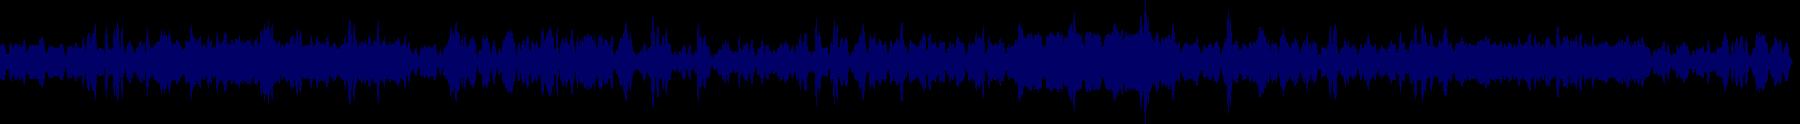 waveform of track #71744